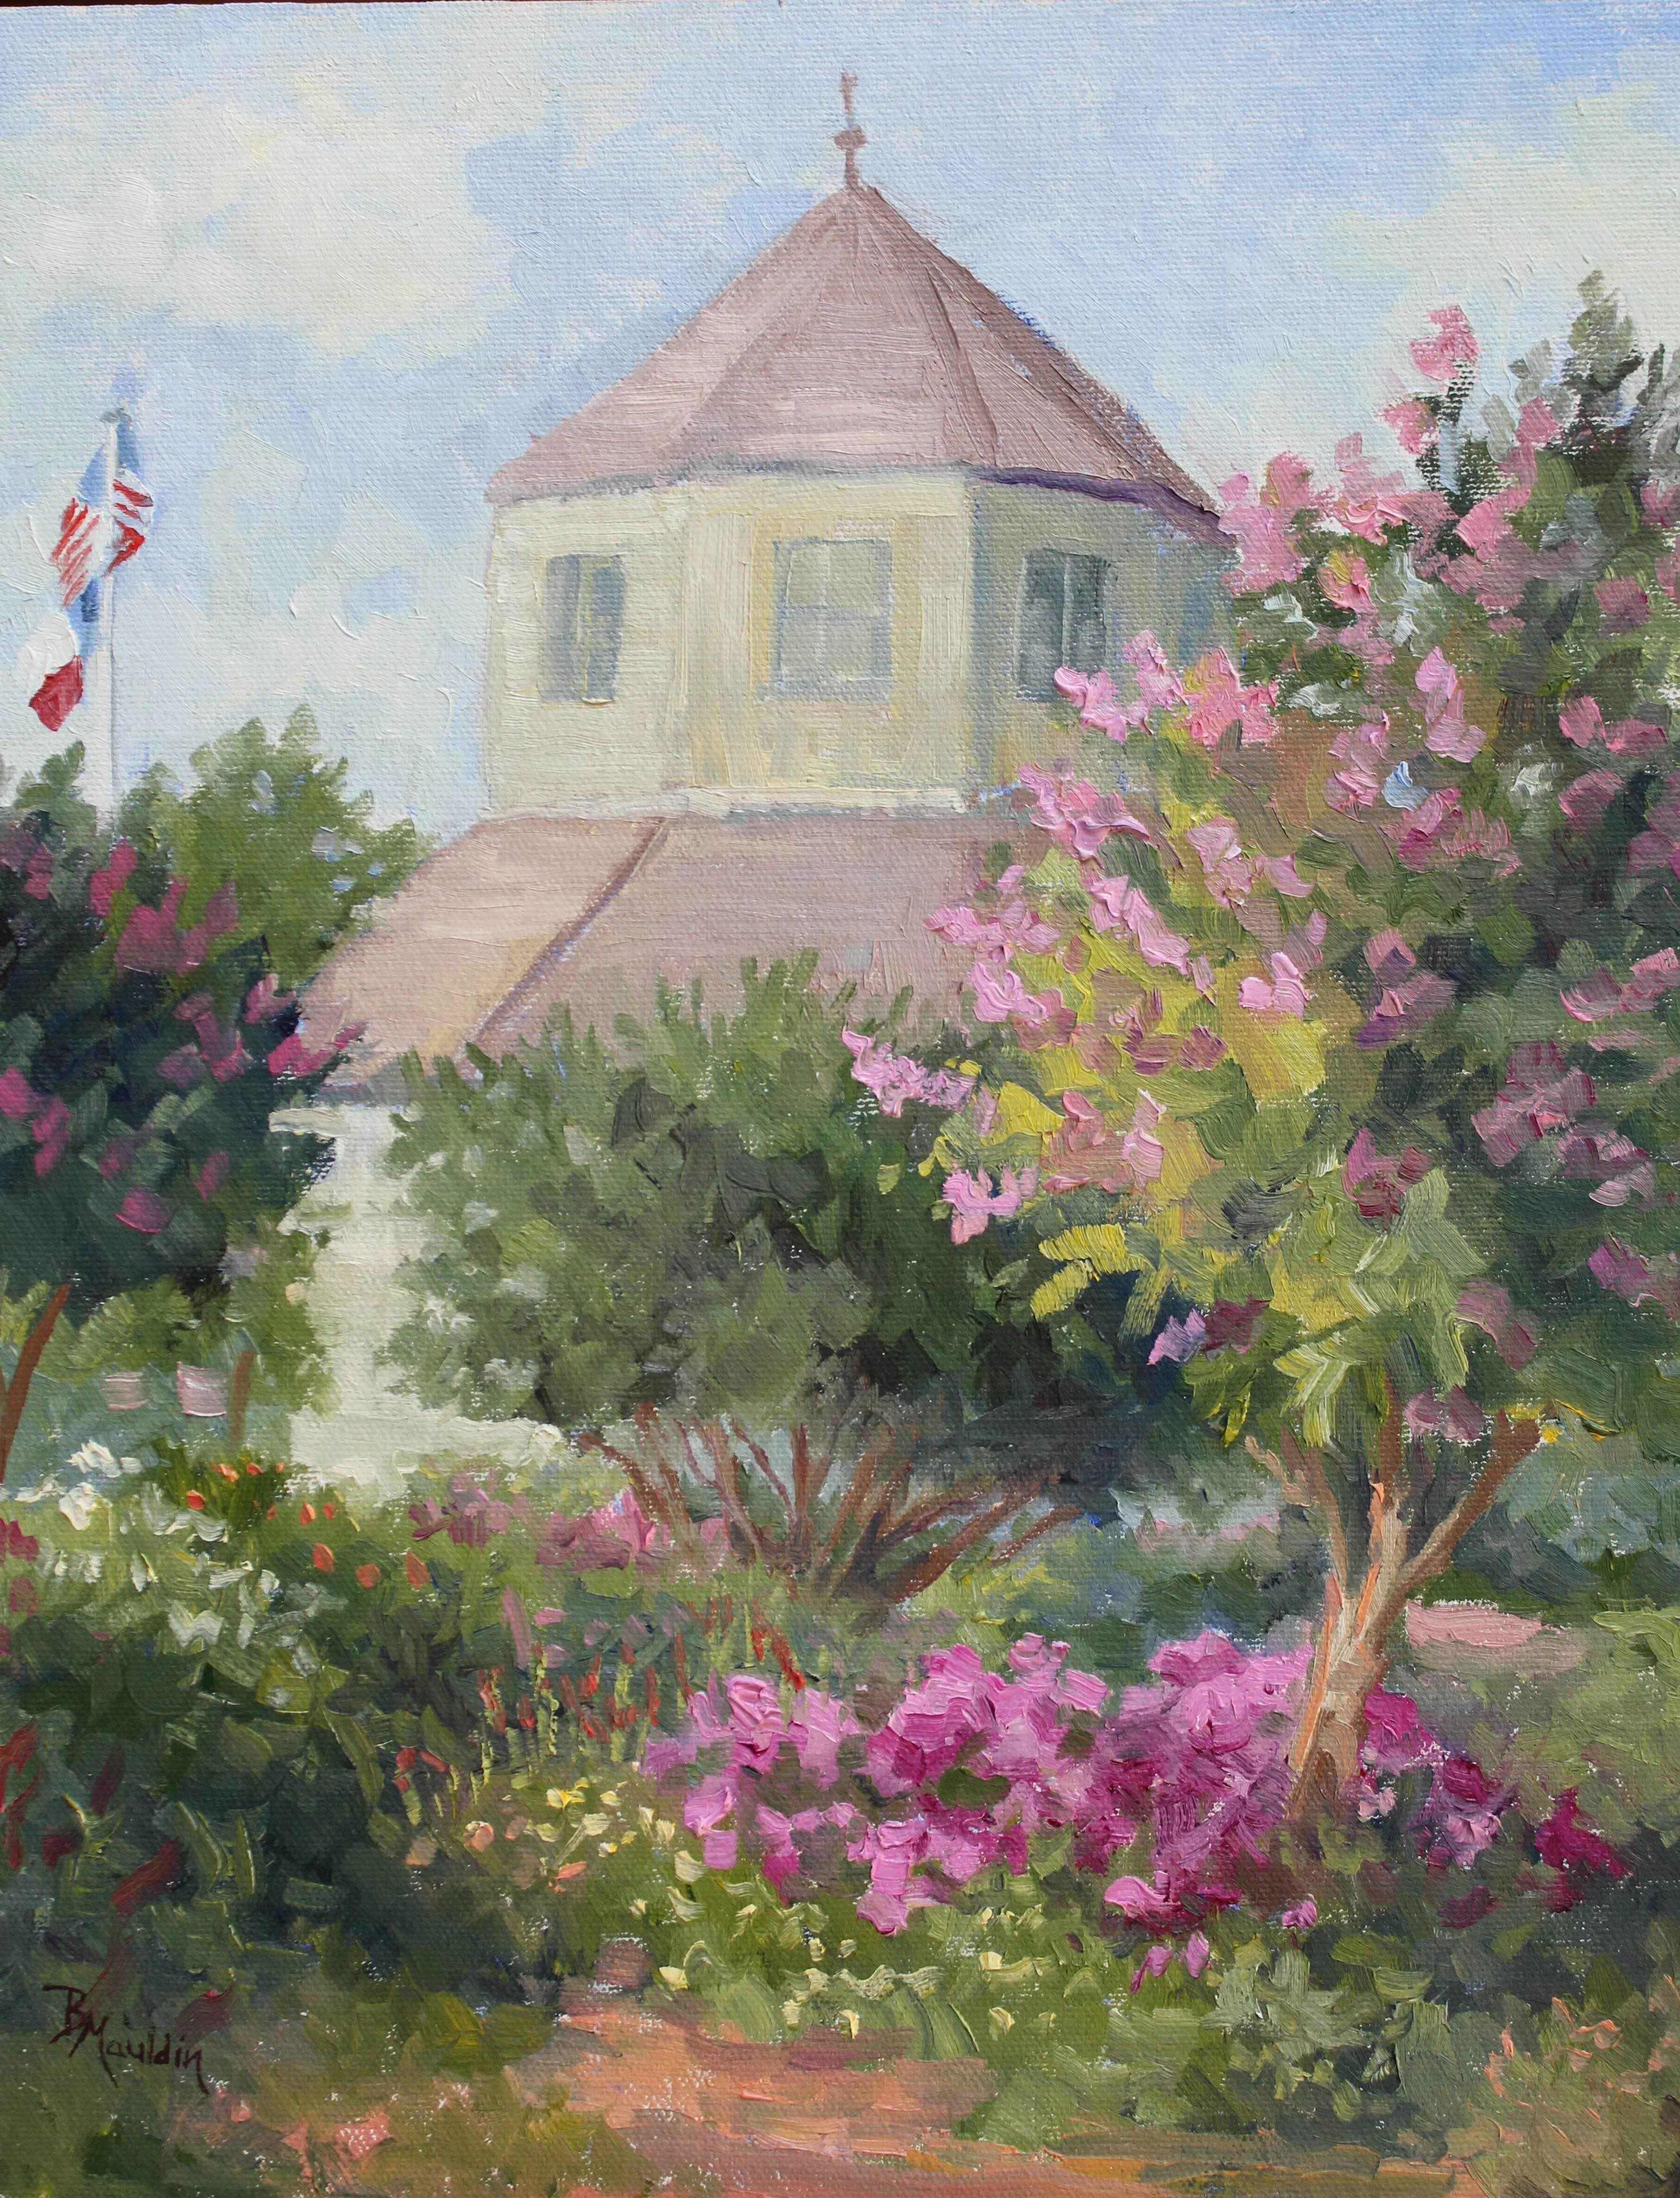 Vereins Kirche by  Barbara Mauldin - Masterpiece Online